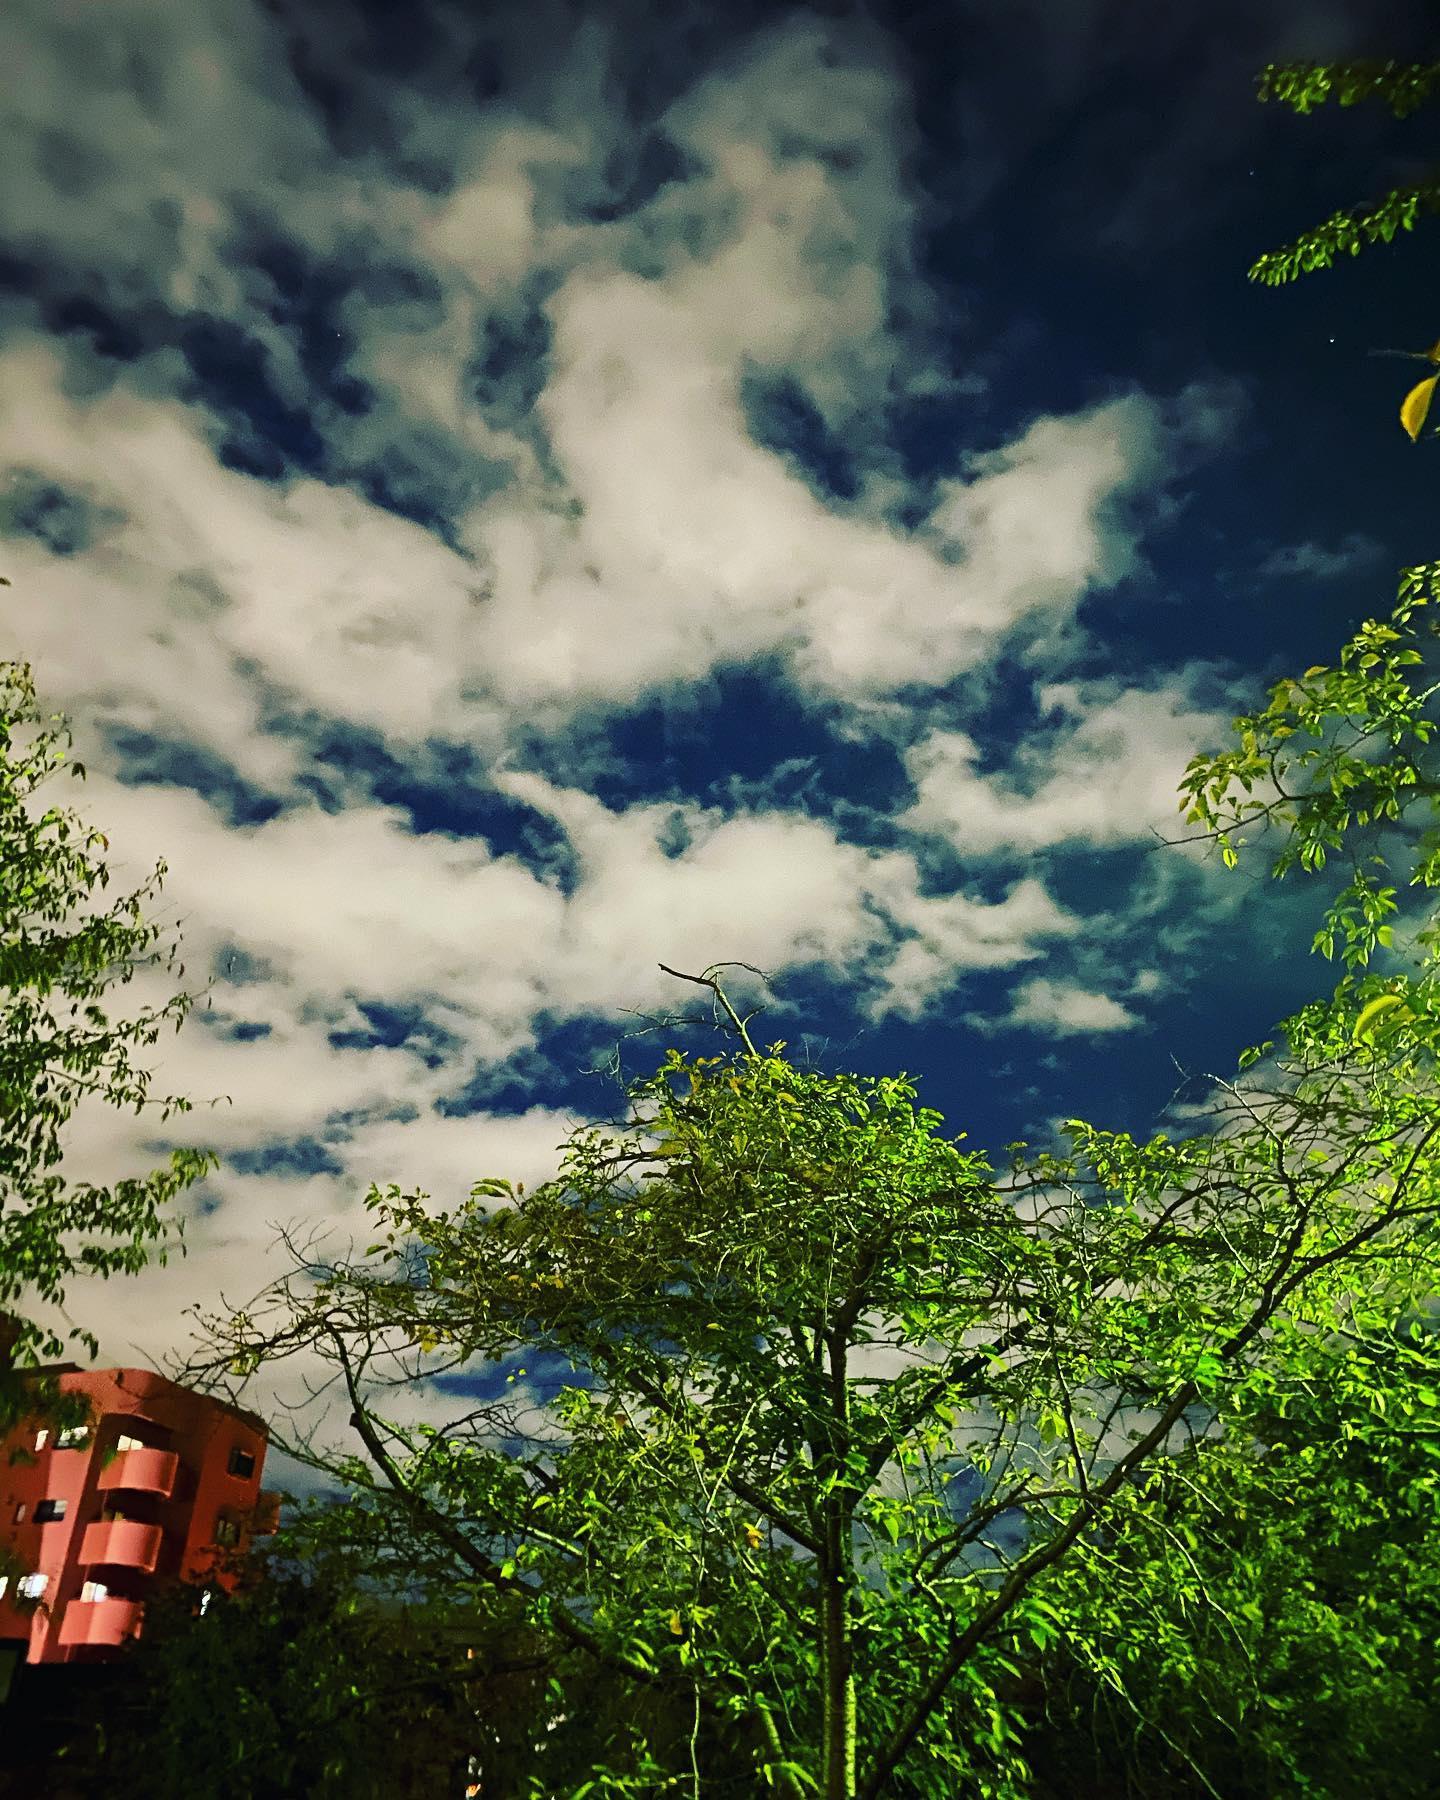 夜の晴天昨日の19時44分あ!青空だぁーと思って思わず撮った。静岡で育ったから、北陸の晴れ、今日天気いいねーに、これ薄曇りやんかーとツッコミたくなる事にも慣れたけど(笑)北陸の天気はドラマチックだったりする冬の雷ののち霰がドサーとか…夜なのに、こんなに雲と空色がくっきり分かれてる!夜の晴天!そんな感動も頂けた#カフェバー #Cafebar#心地よい空間 #金沢片町 #楽しいひと時を #るたん#letemps #Letemps#CafeBAR_Le_temps#カフェバー_るたん#おひとり様でも#犀川沿いの夜景#景色が良い #お酒と音楽が楽しめる#歌えるカフェバー#感染対策#夜の晴天#北陸の天気#冬の雷#夜の青空#静岡出身です#猫好きです#感染対策強化#いしかわ新型コロナ対策認証店 - 金沢片町るたん